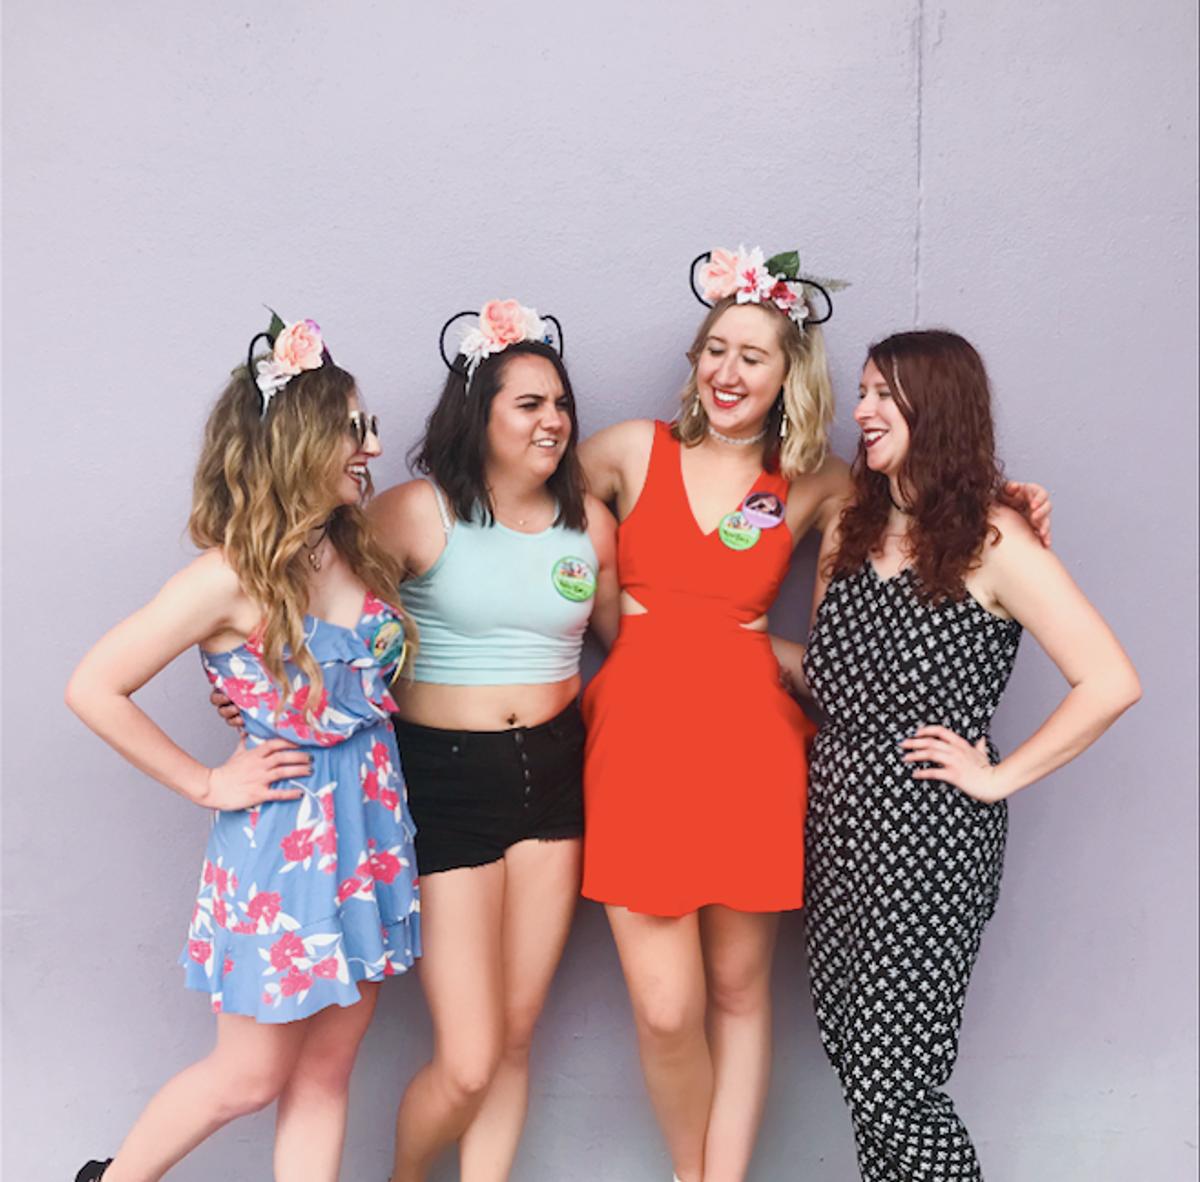 14 Instagram-Worthy Walls Of Walt Disney World